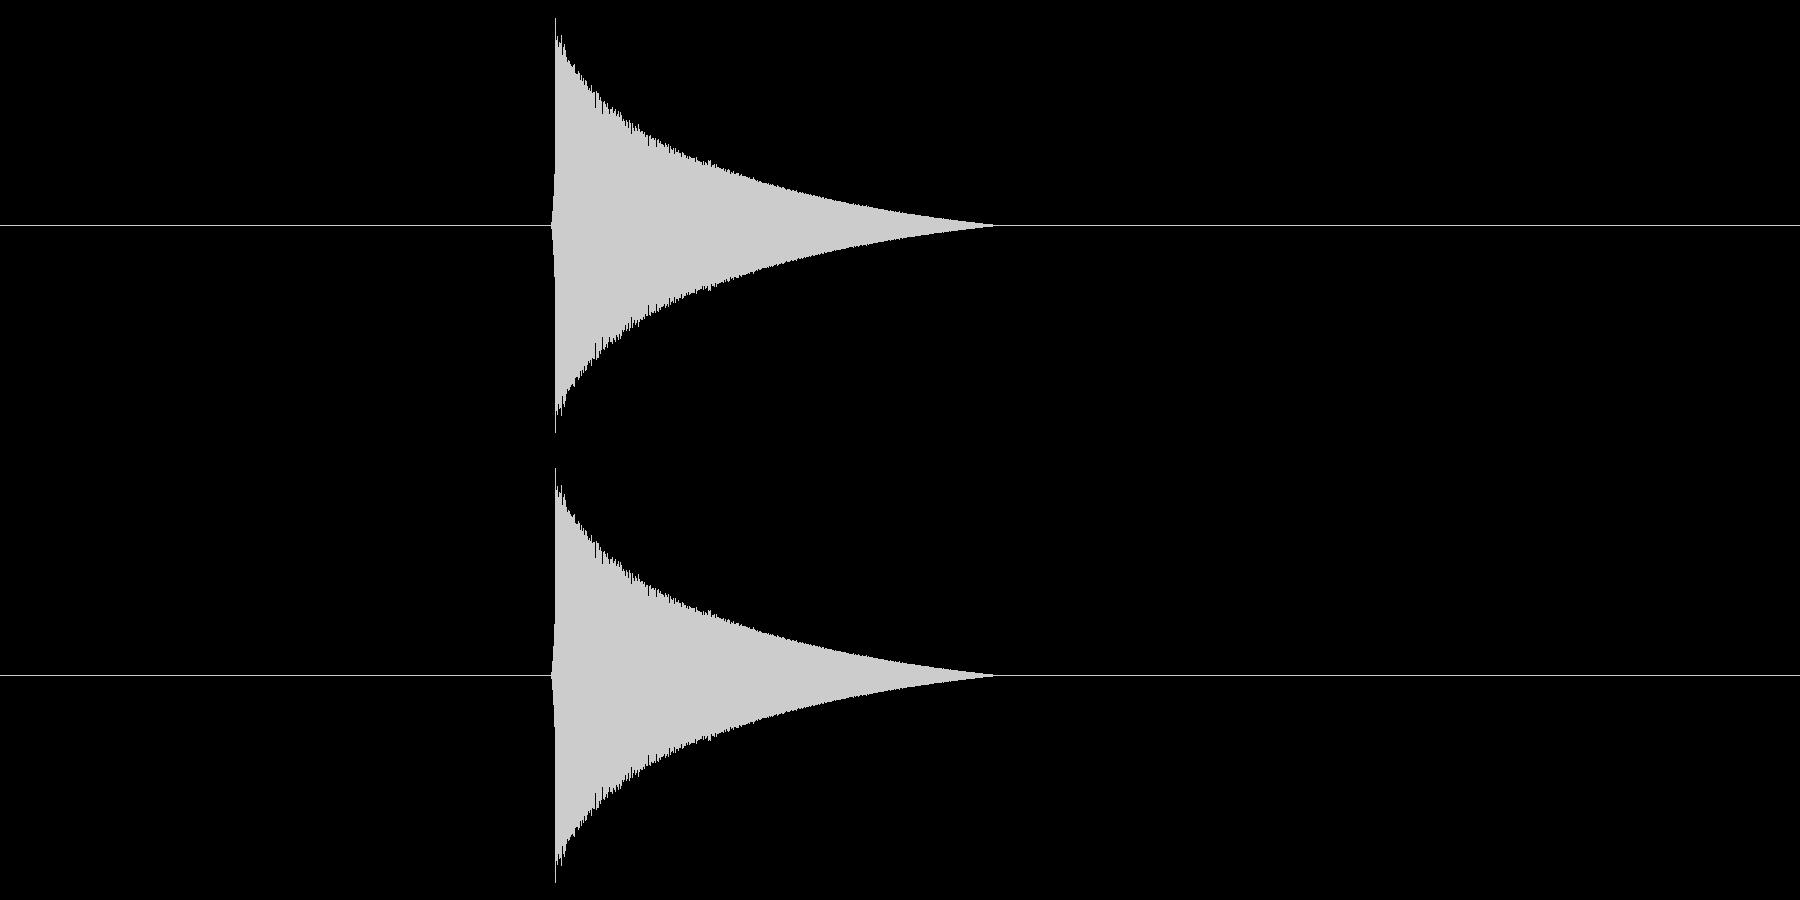 ファミコン風_ピュン_弾を打つ音1の未再生の波形